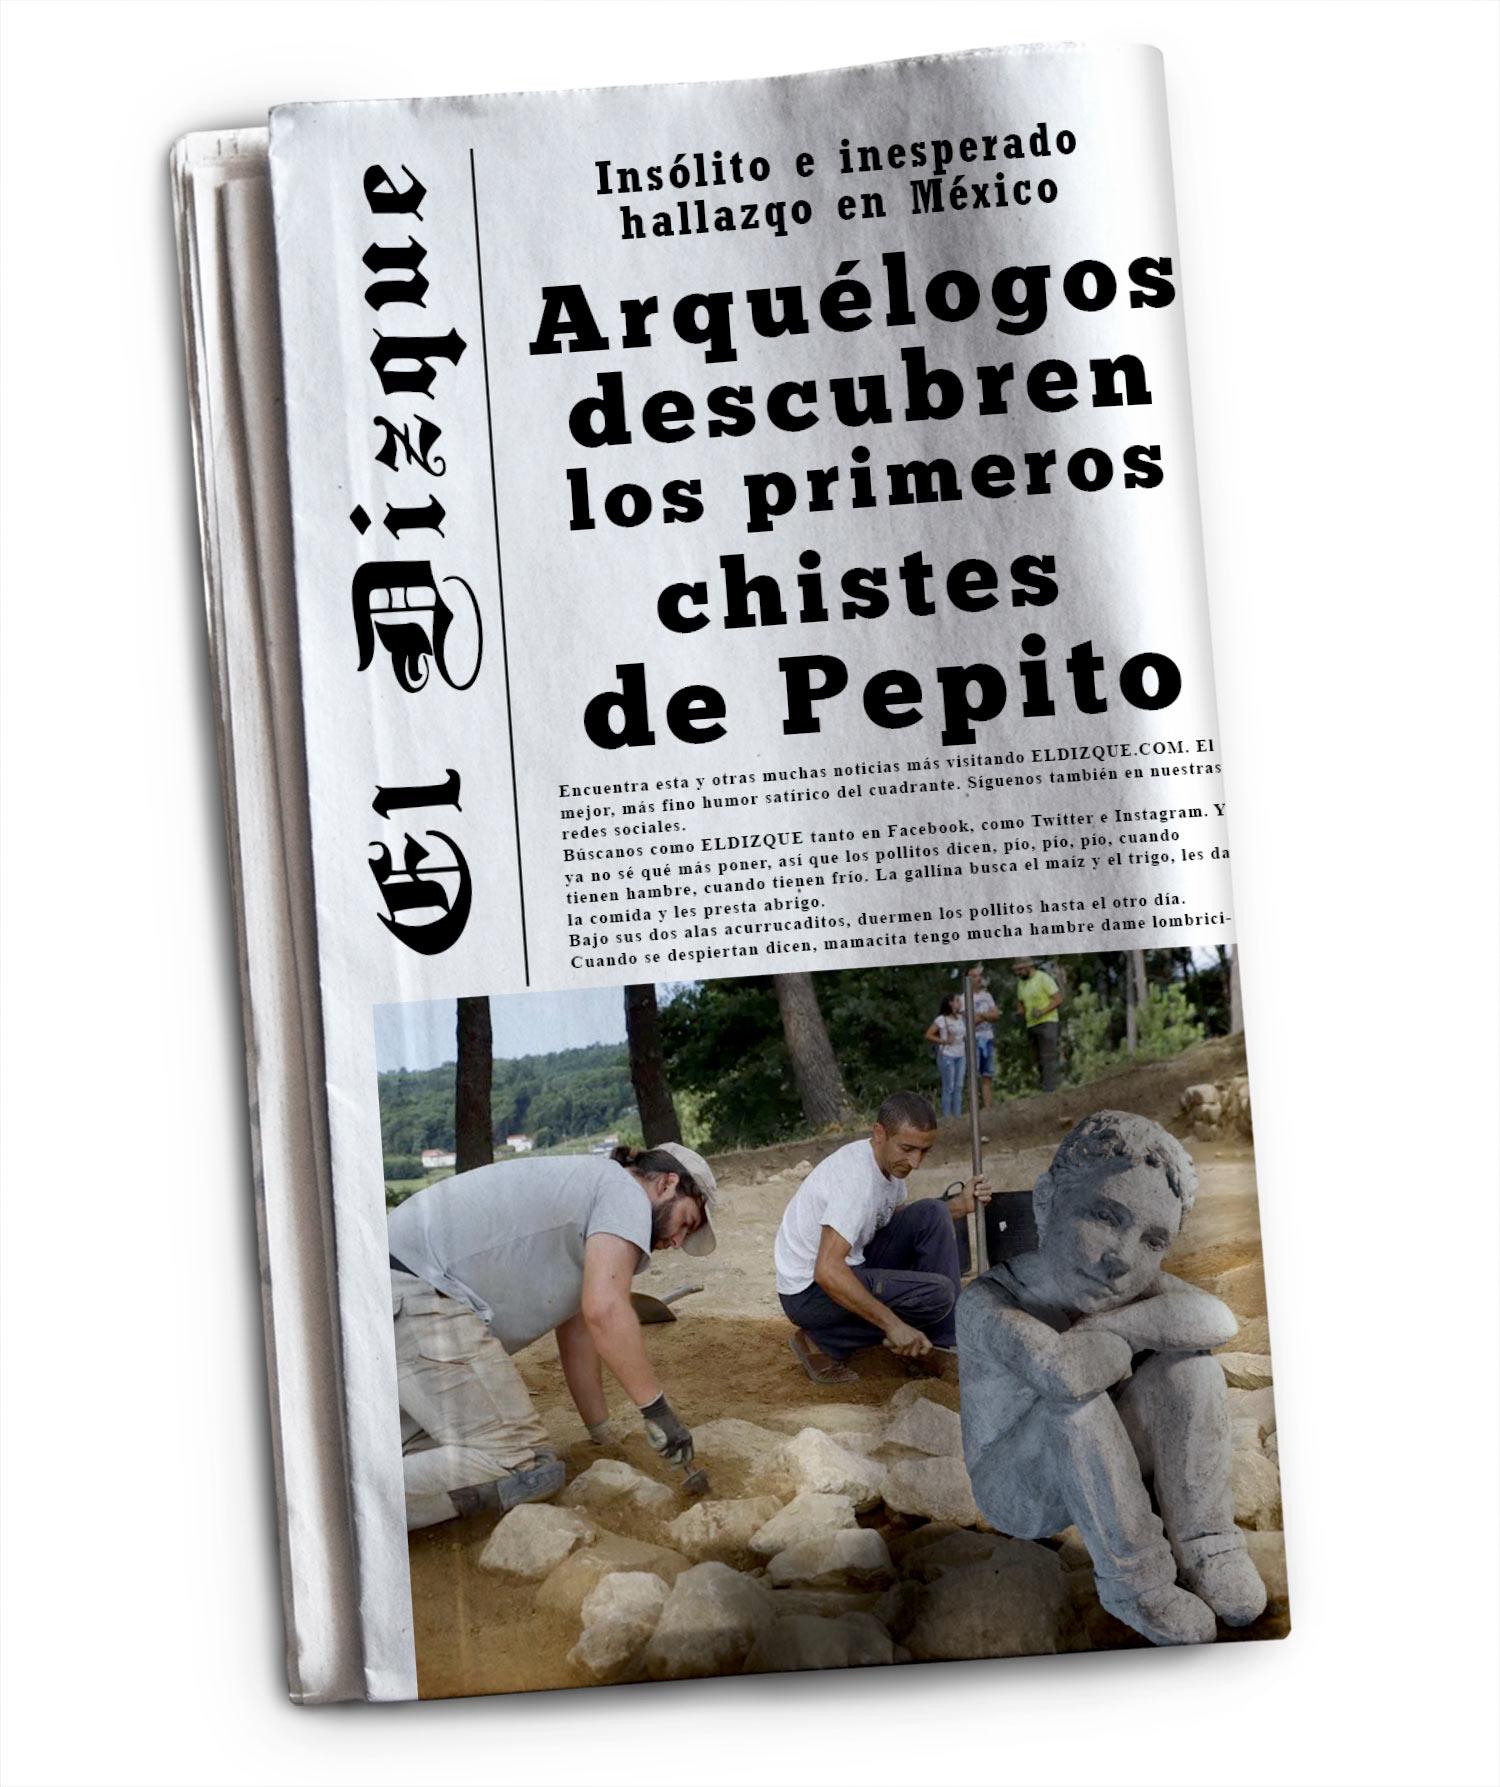 Los primeros chistes de Pepito: Insólito hallazgo arquelógico